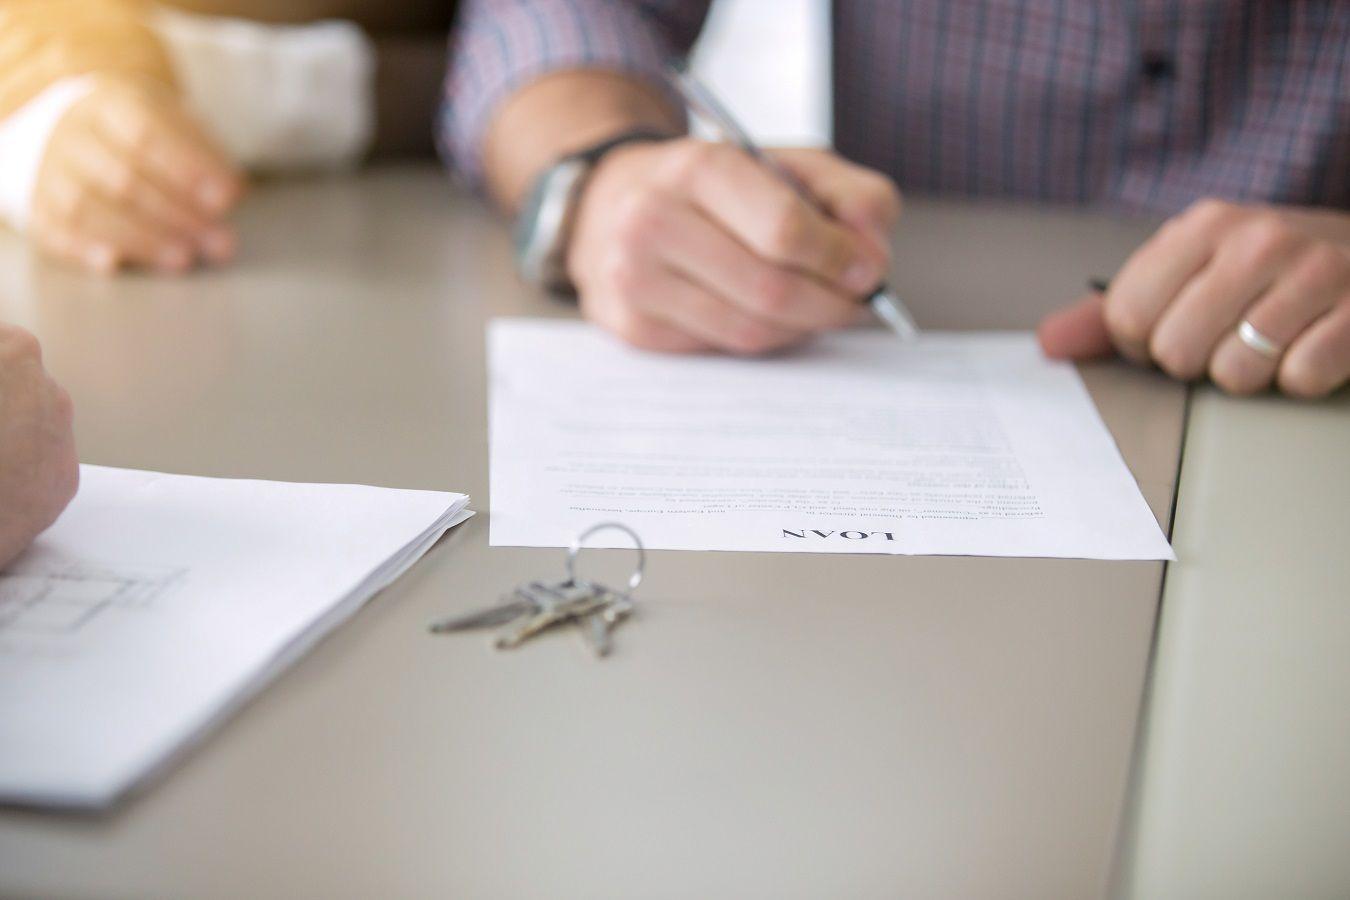 Все договоренности заносите в официальный договор